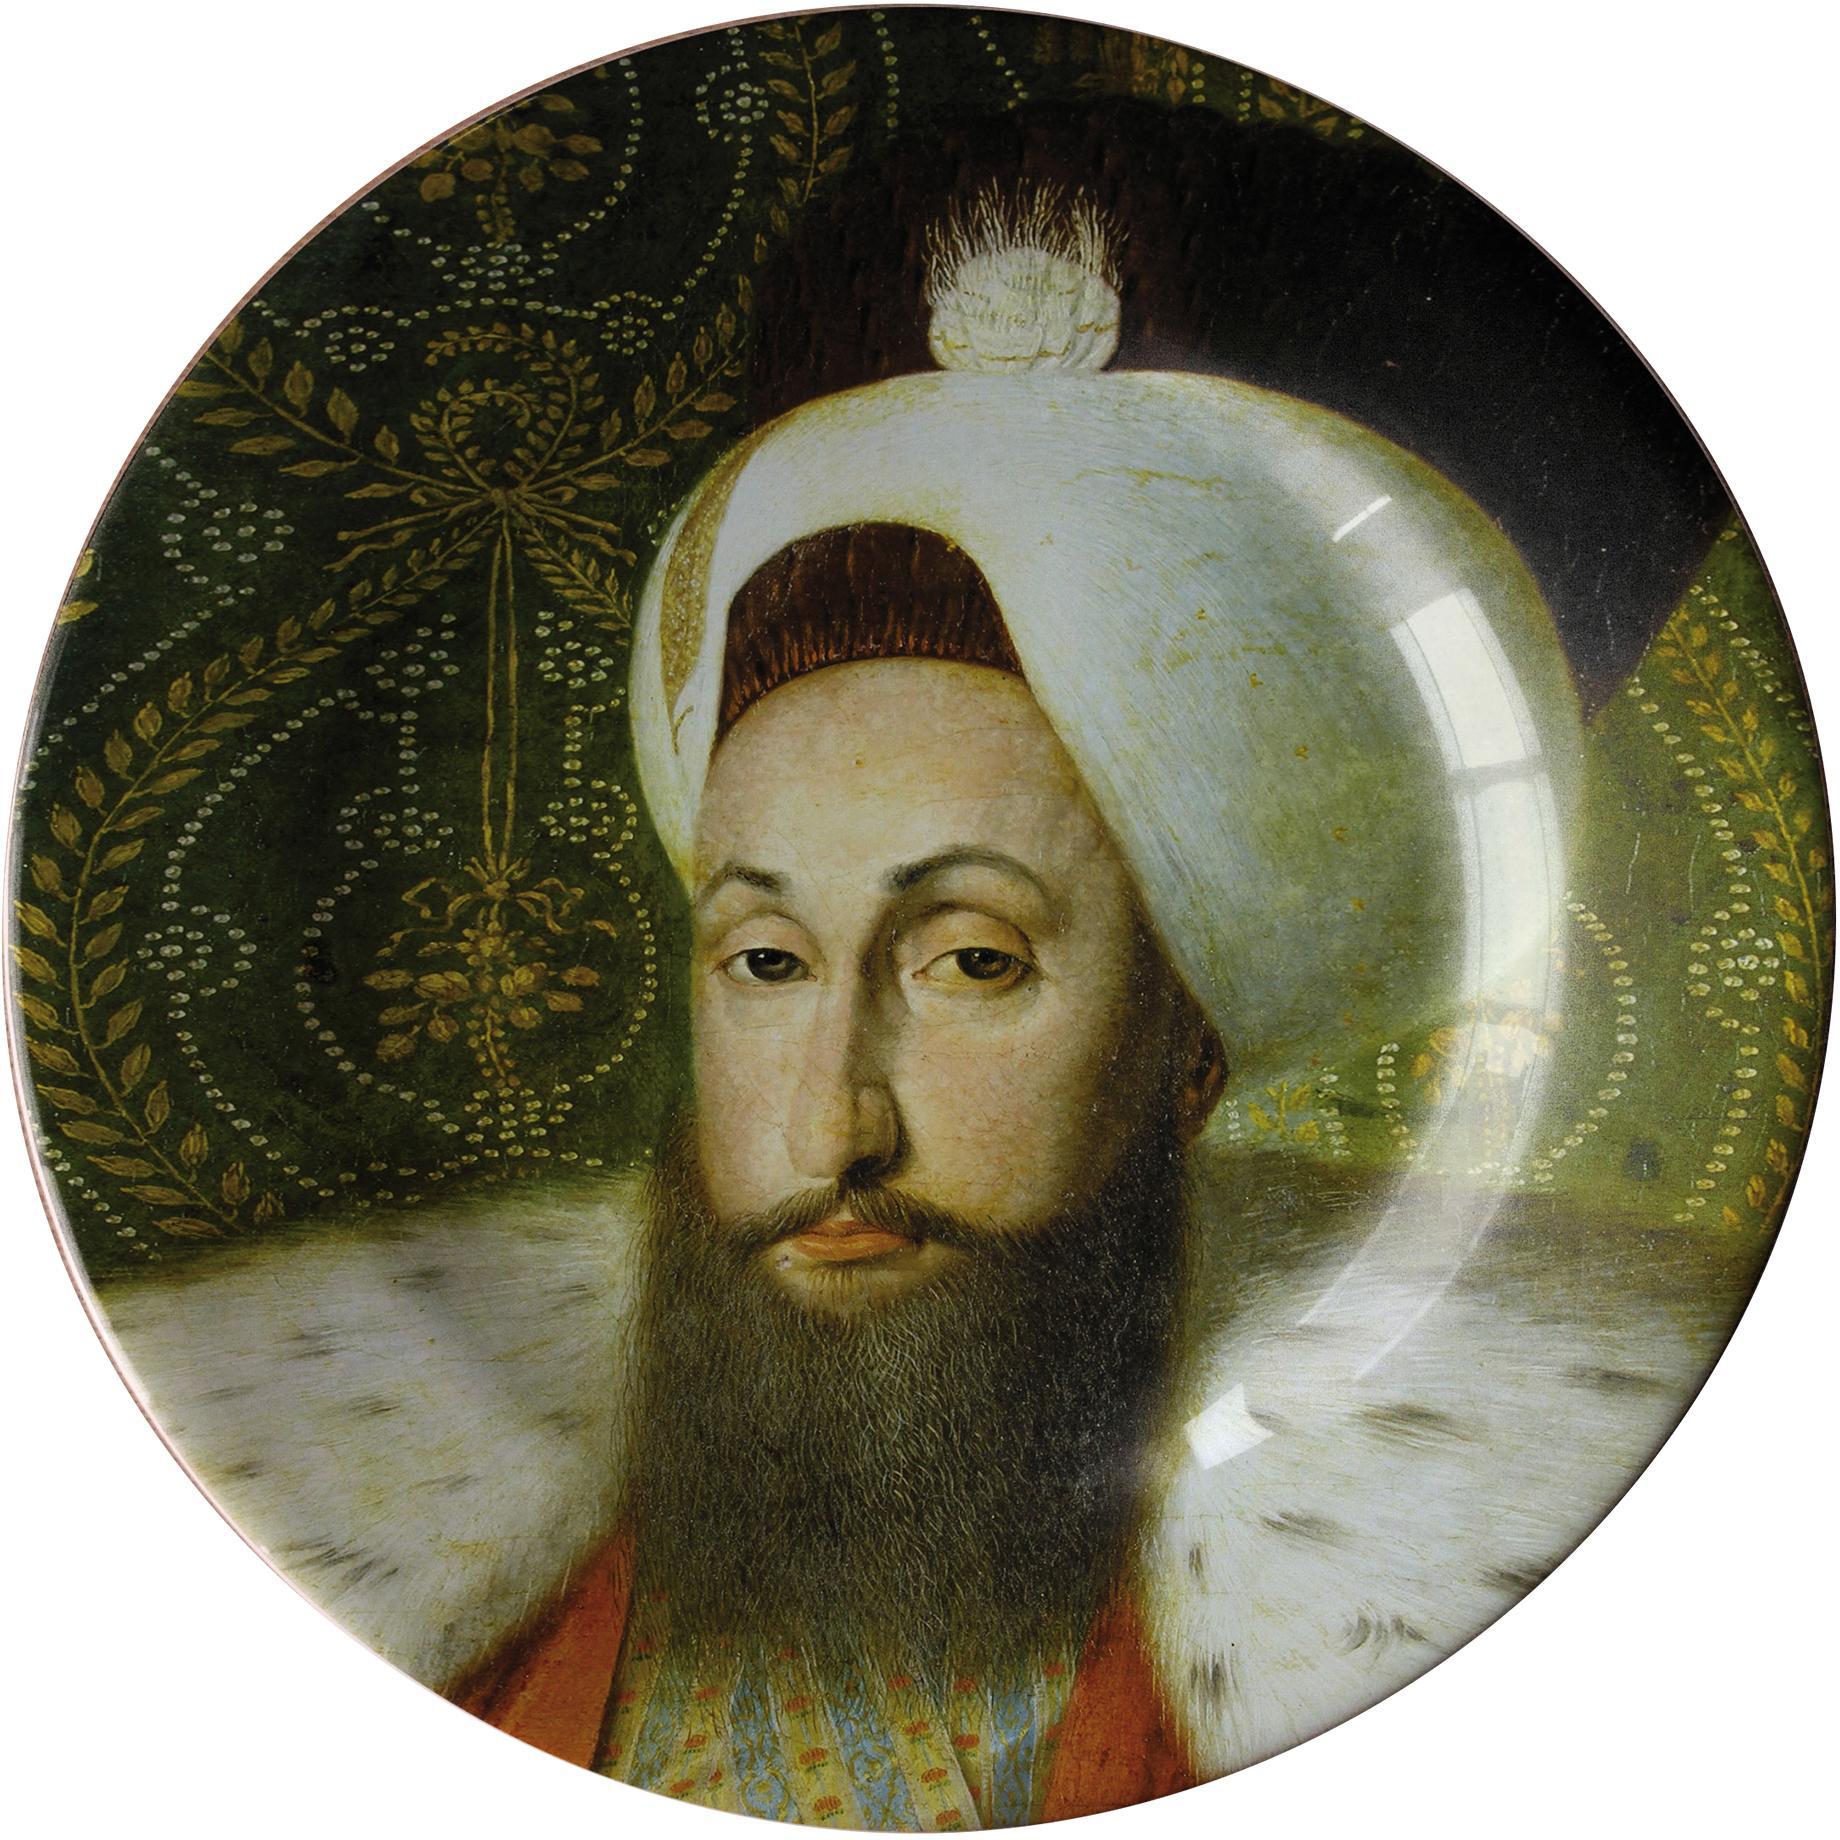 Handmade Sultan Selim III Ceramic Dinner Plate